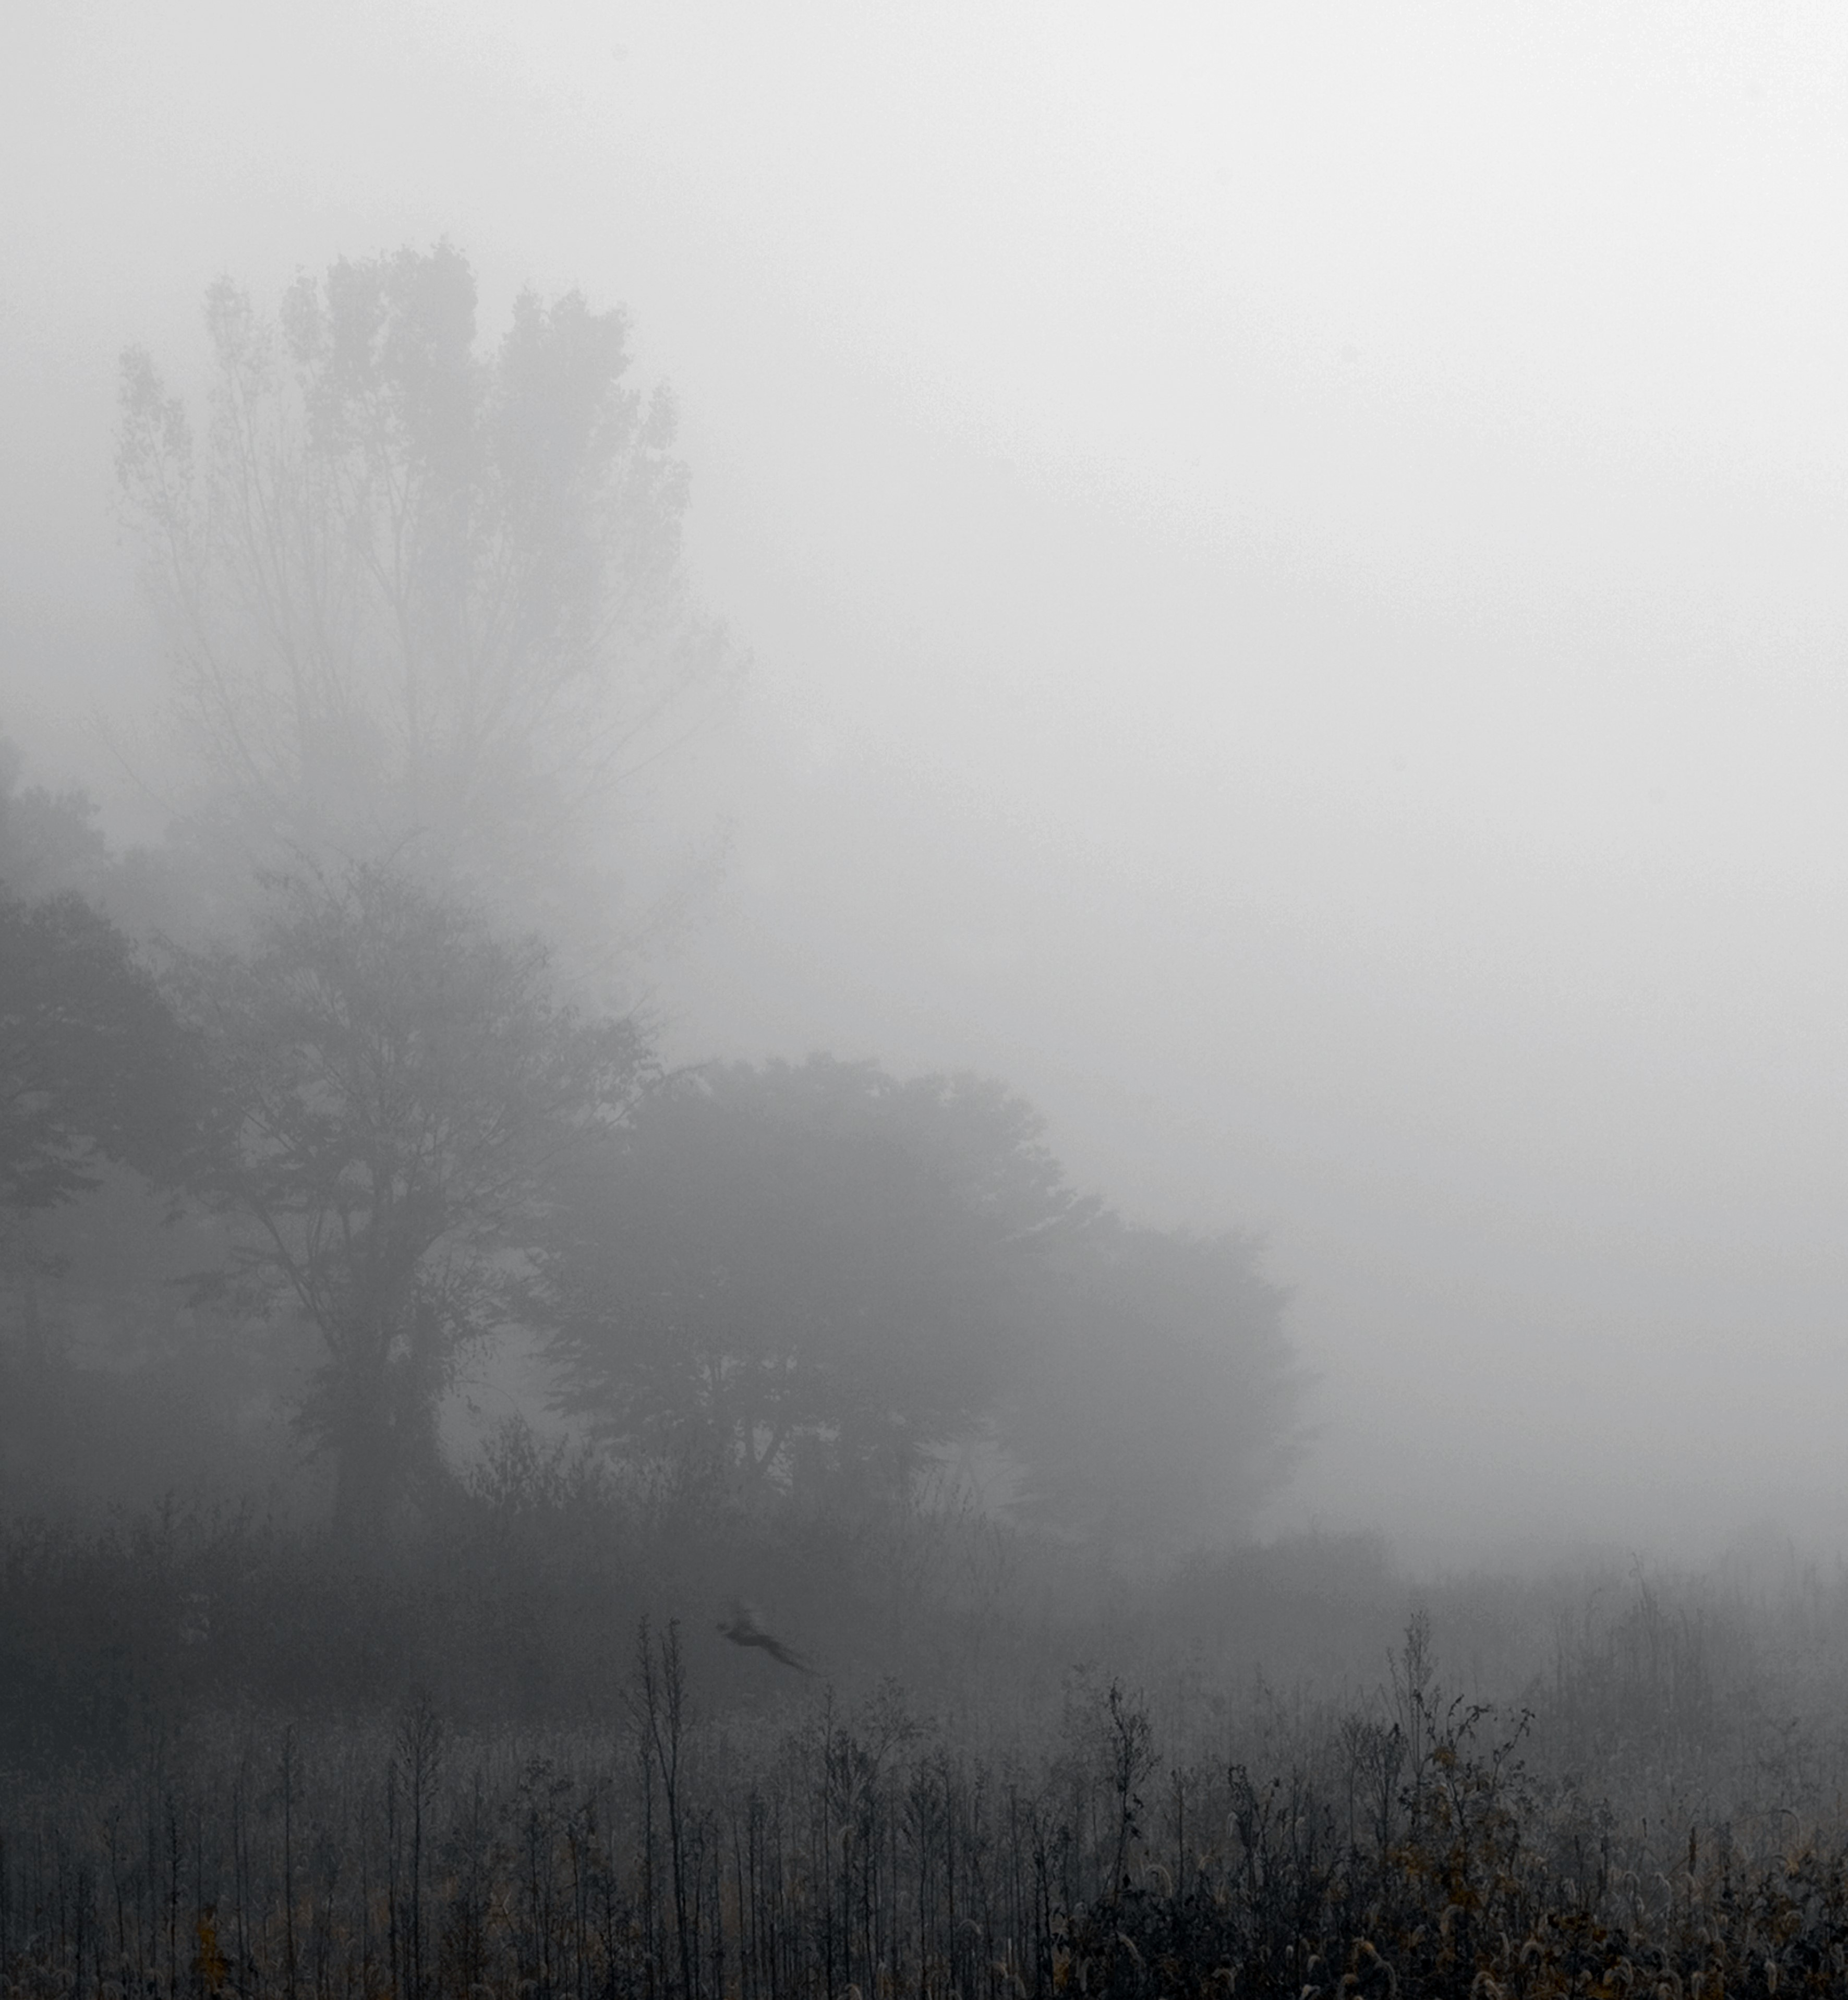 강홍구, 안개와 서리 34, 디지털 프린트, 55x51.4cm, 2012